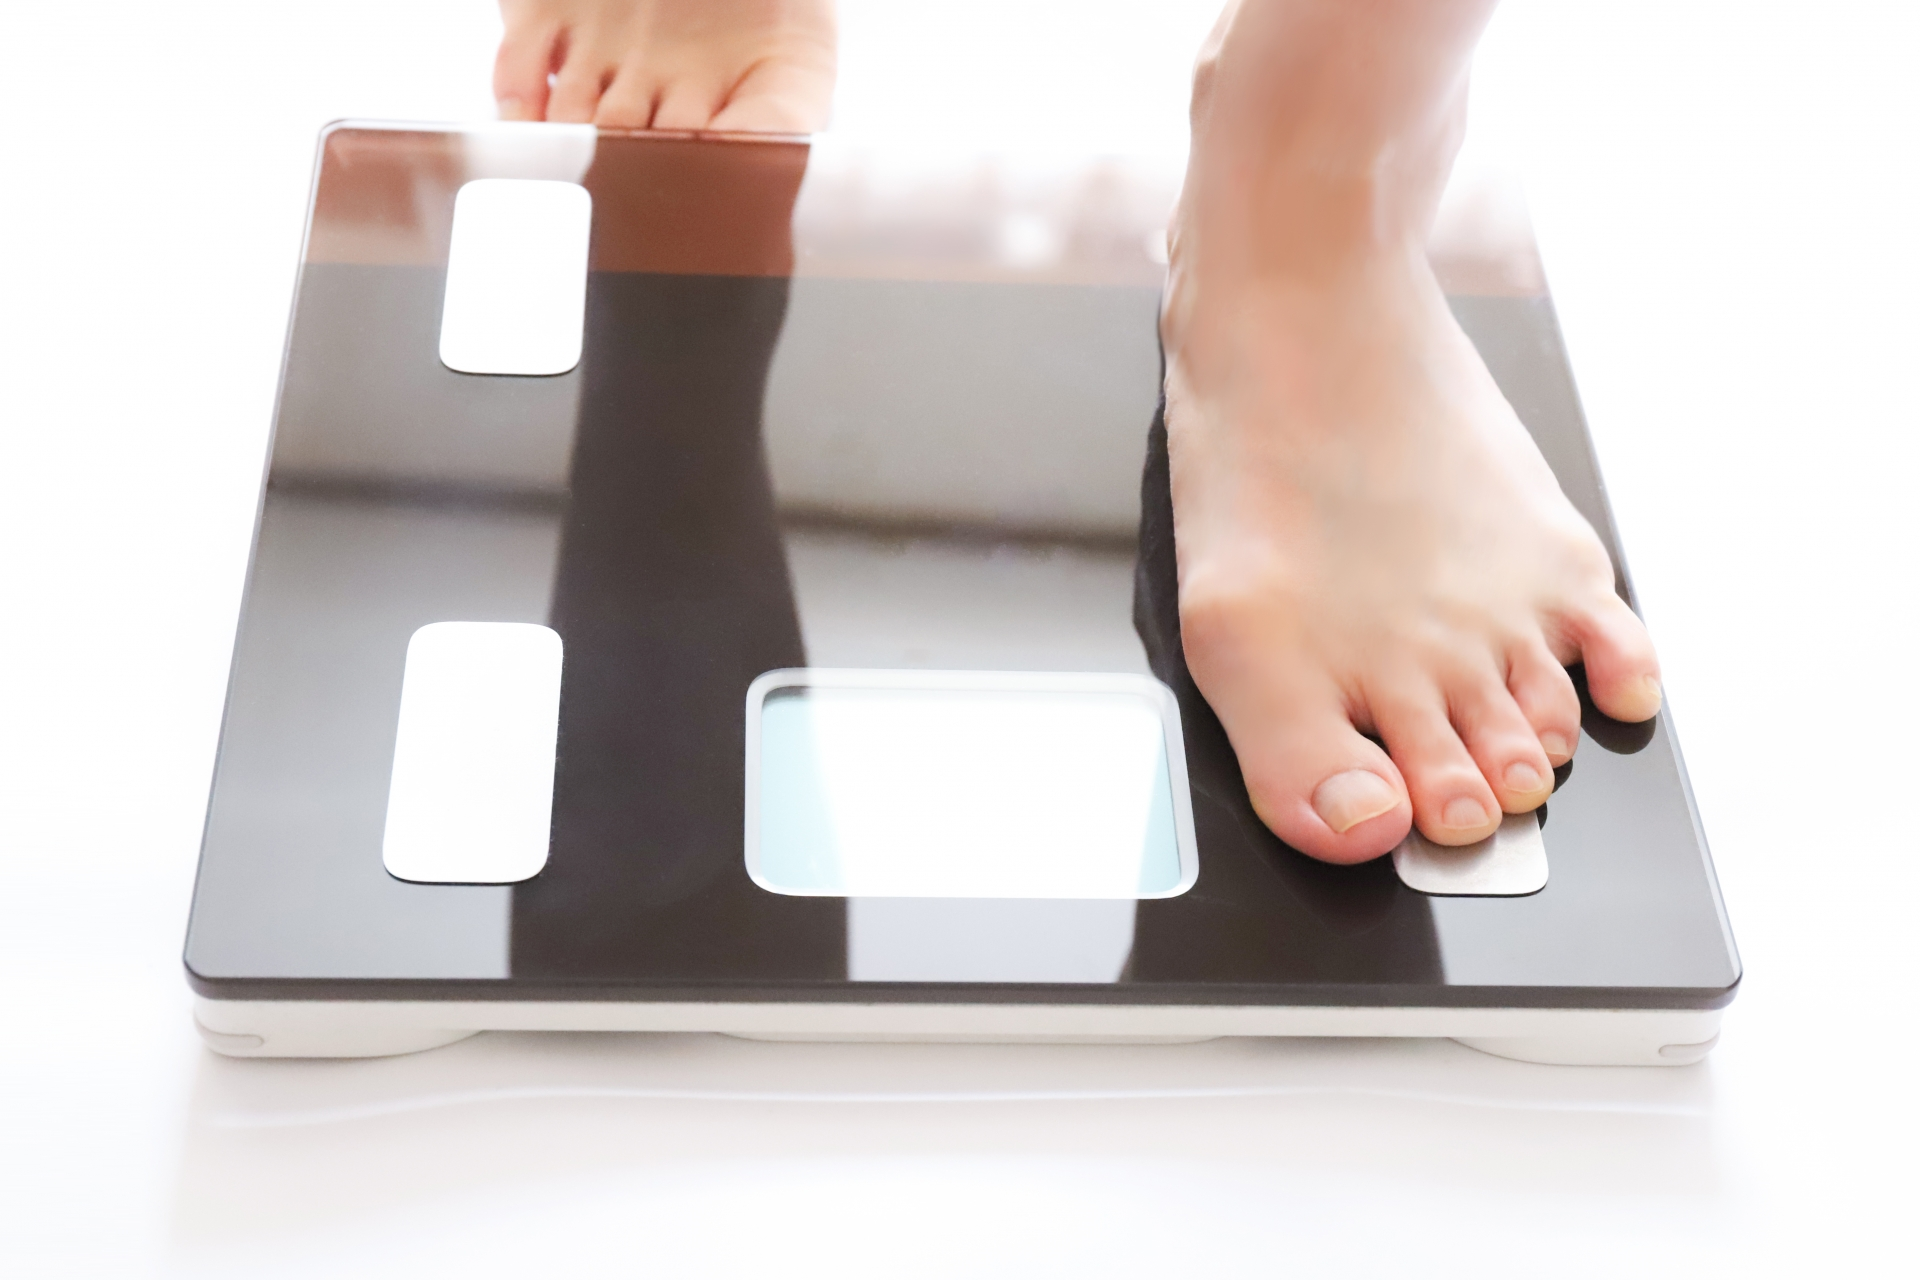 【体重計】タニタとオムロンはどっちがいい?おすすめ機種を調べてみた